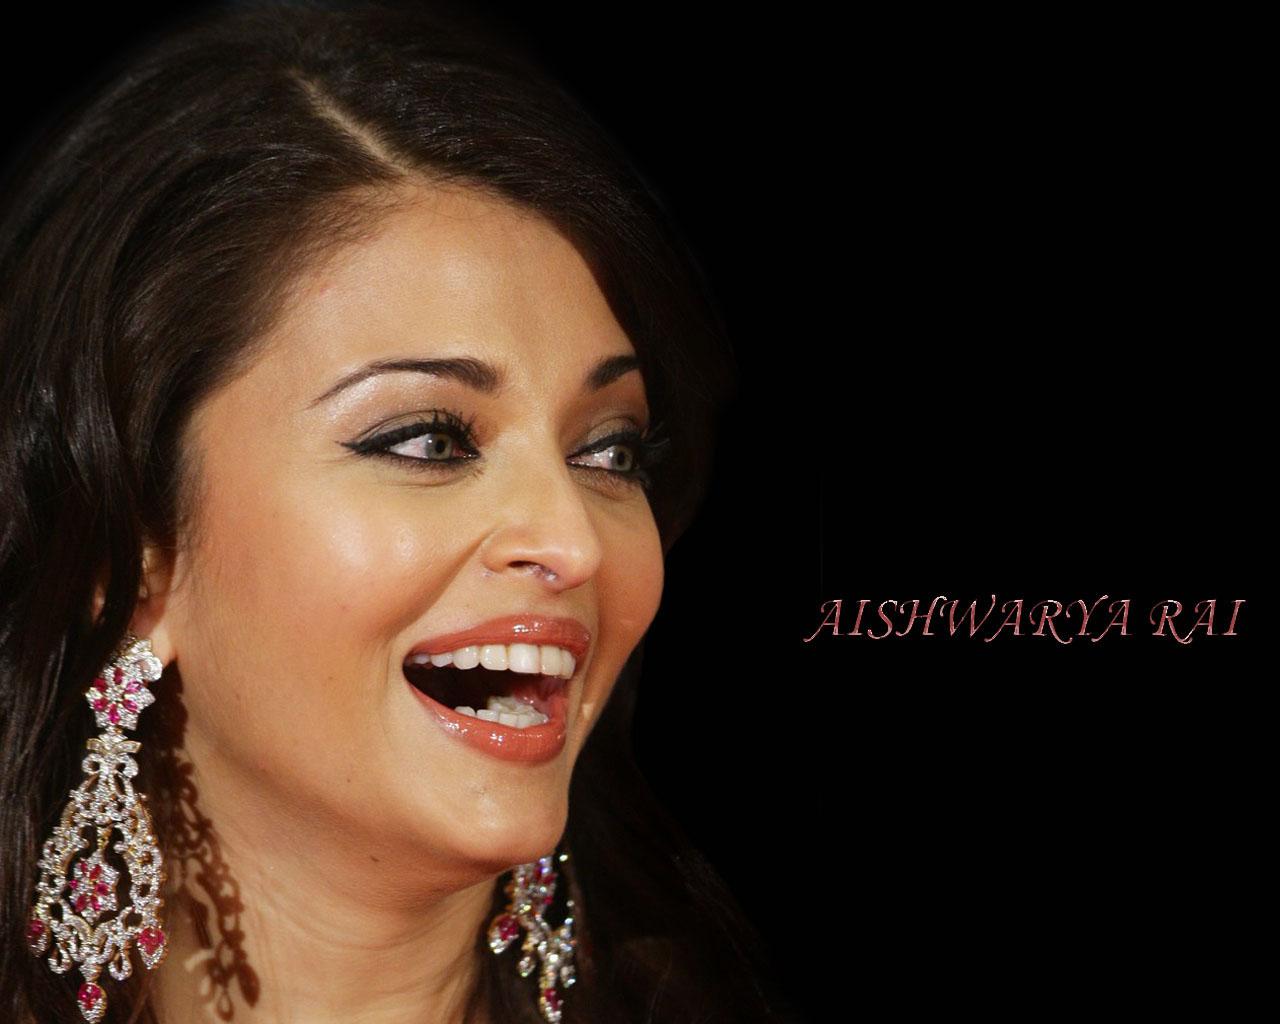 http://3.bp.blogspot.com/_TiCO8op_NpI/TJJjatJg7kI/AAAAAAAAW_0/vfgq7uEmdjo/s1600/Aishwarya+Rai+Cute+Wallpapers.jpg+%2815%29.jpg